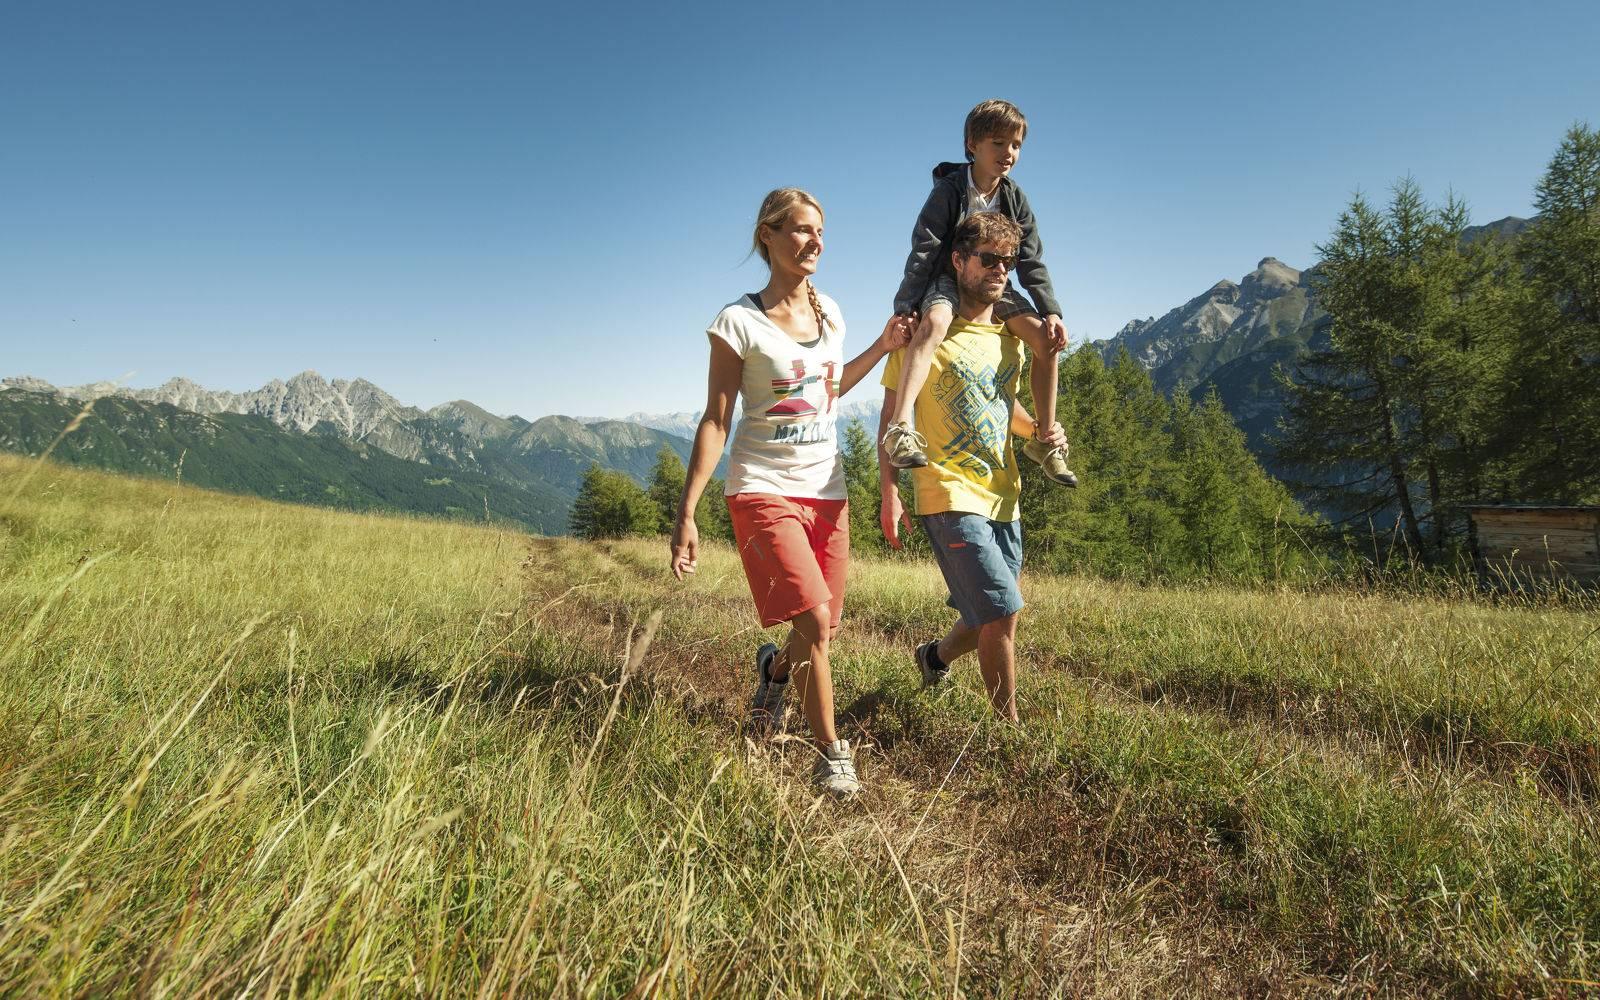 Ходьба, бег и езда на велосипеде «дает необходимый импульс для долгого здоровья»